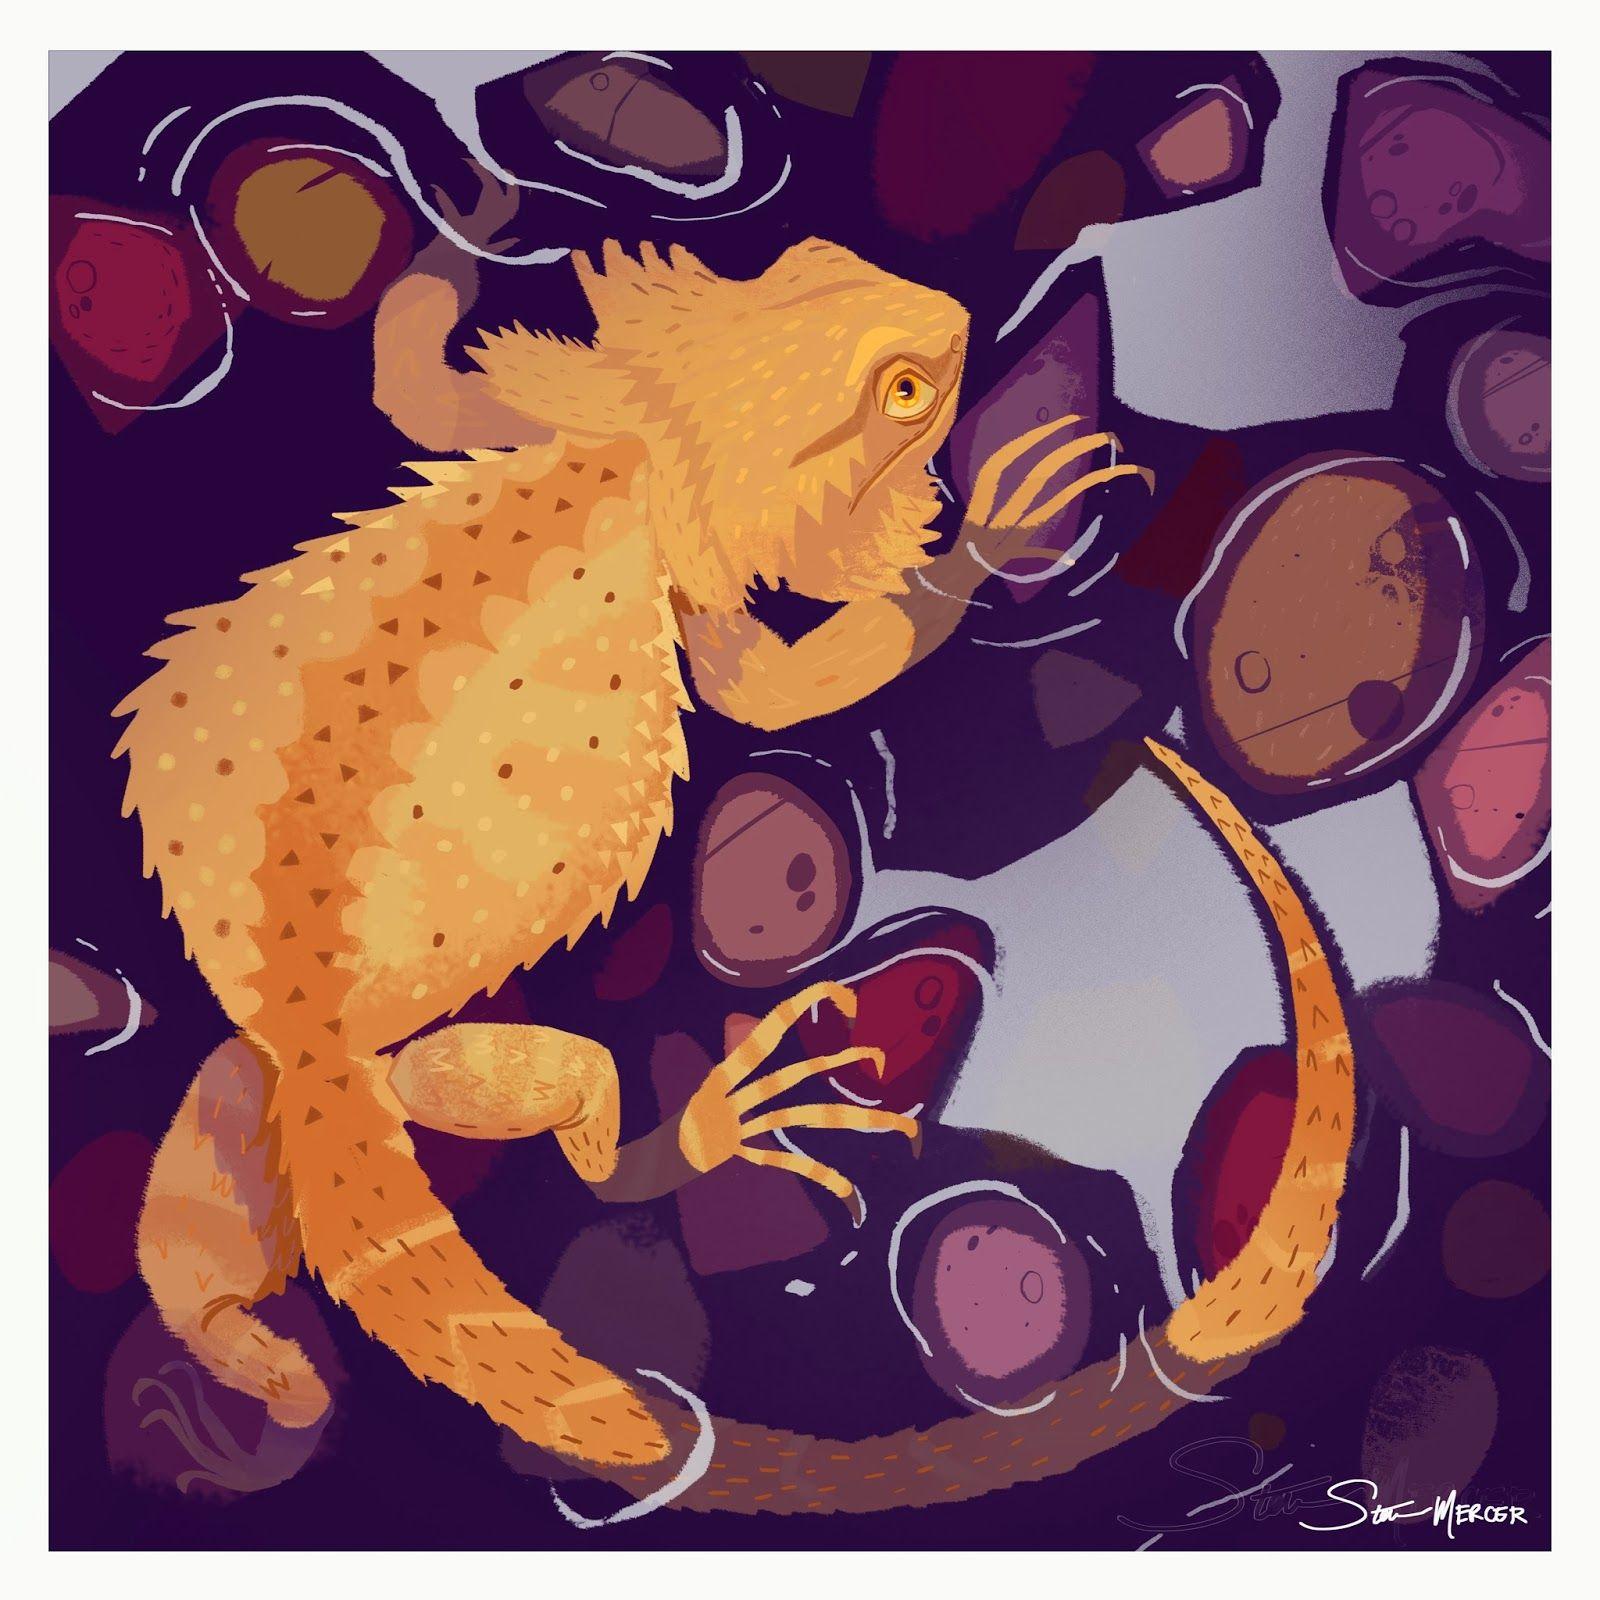 Bearded Dragon Illustration by Steve Mercer   Cool Art   Pinterest ...